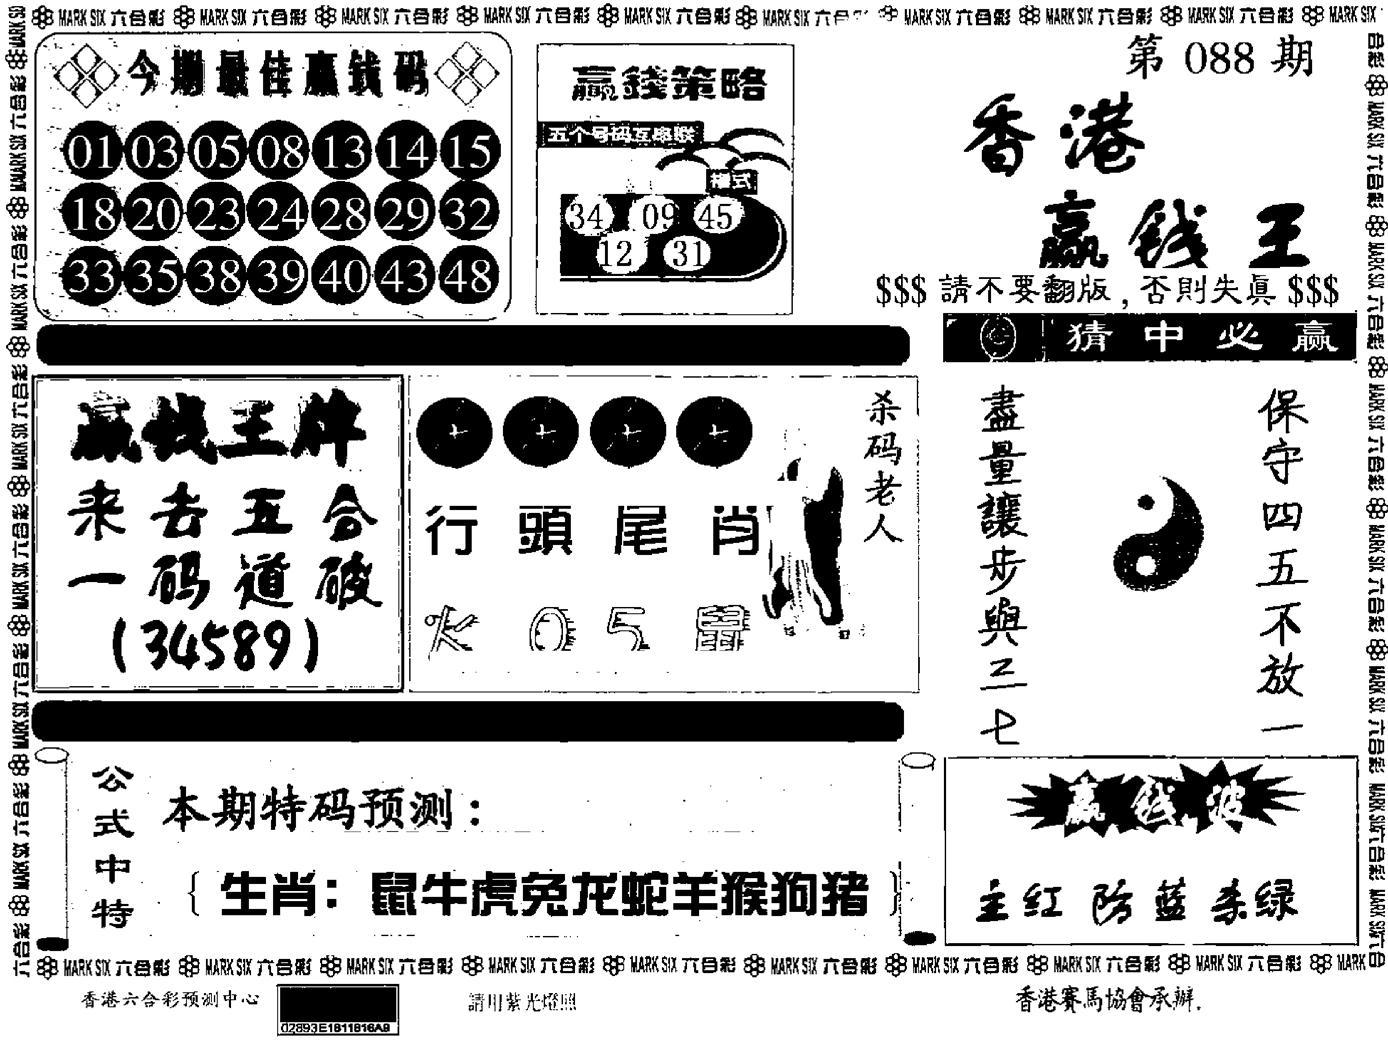 088期九龙赢钱料(黑白)